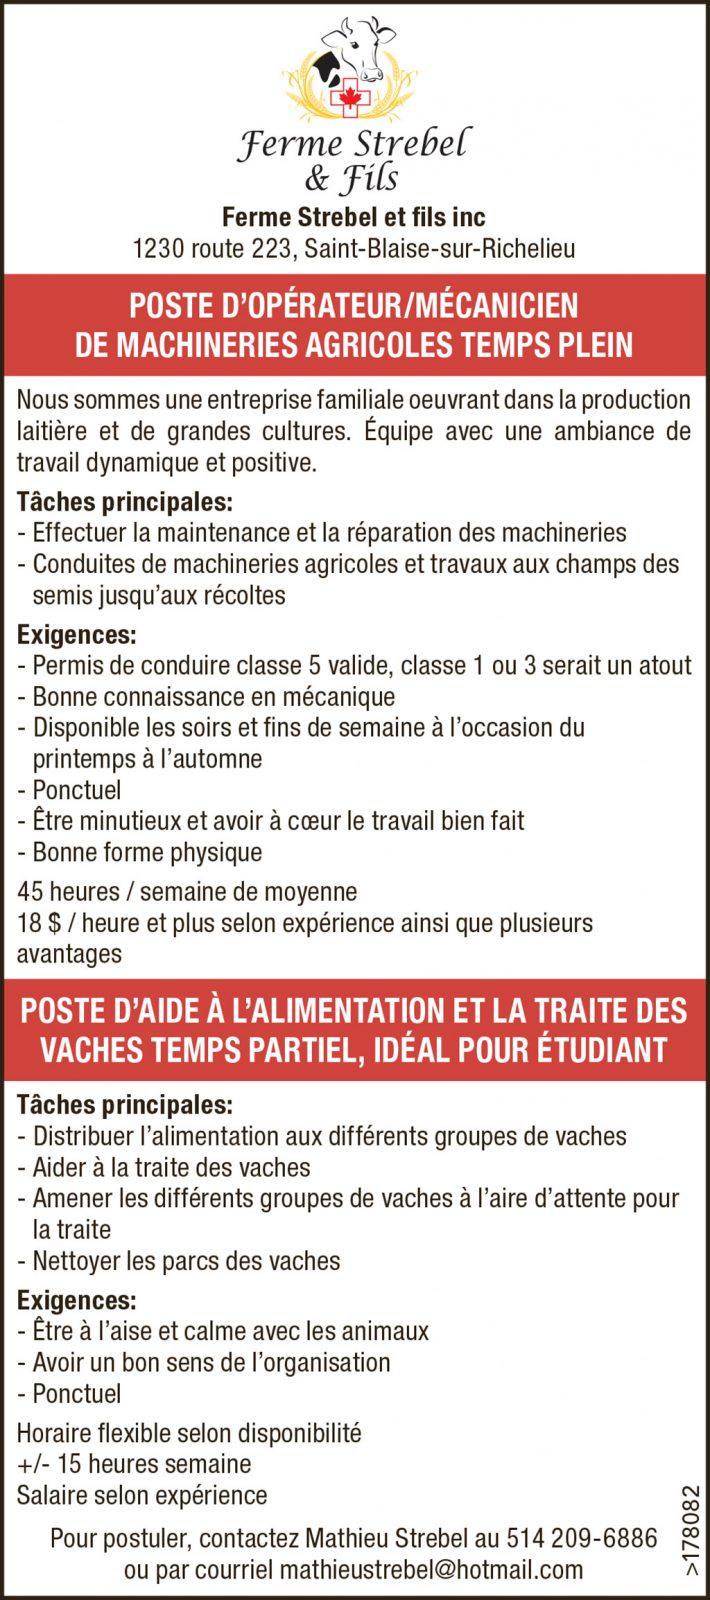 POSTE D'OPÉRATEUR/MÉCANICIEN DE MACHINERIES AGRICOLES TEMPS PLEIN